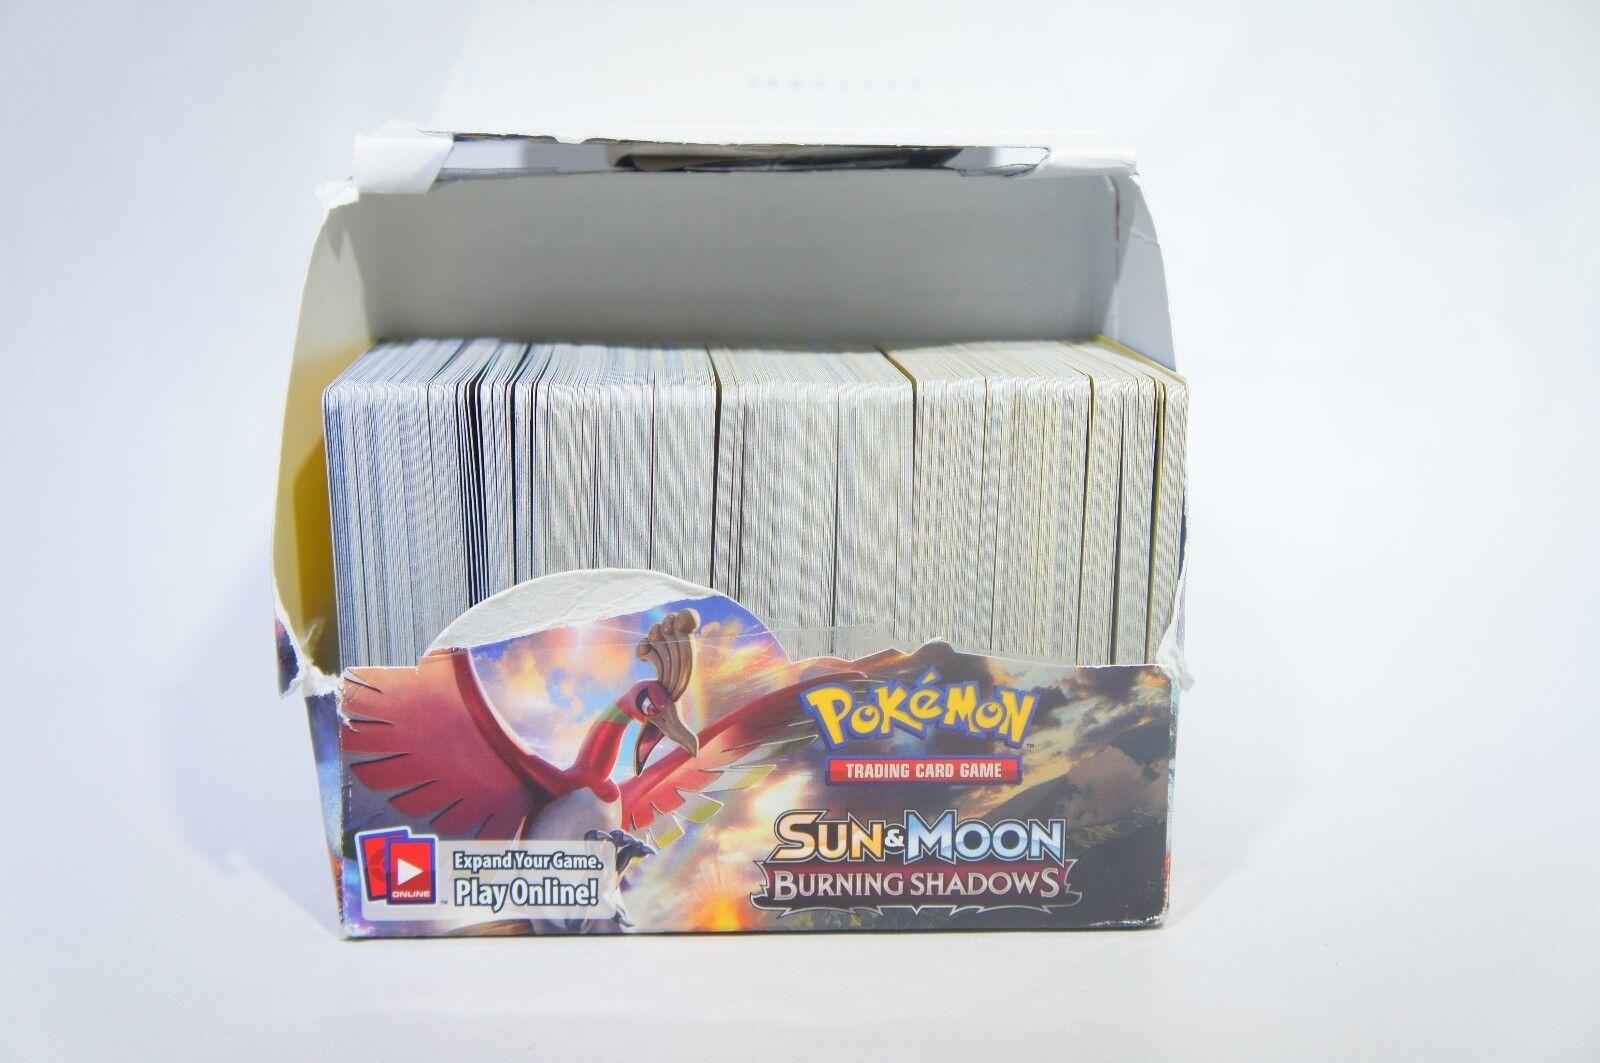 Pokemon tcg sun & moon brennenden schatten 380 karten gezählt - emmerling (h - 40)